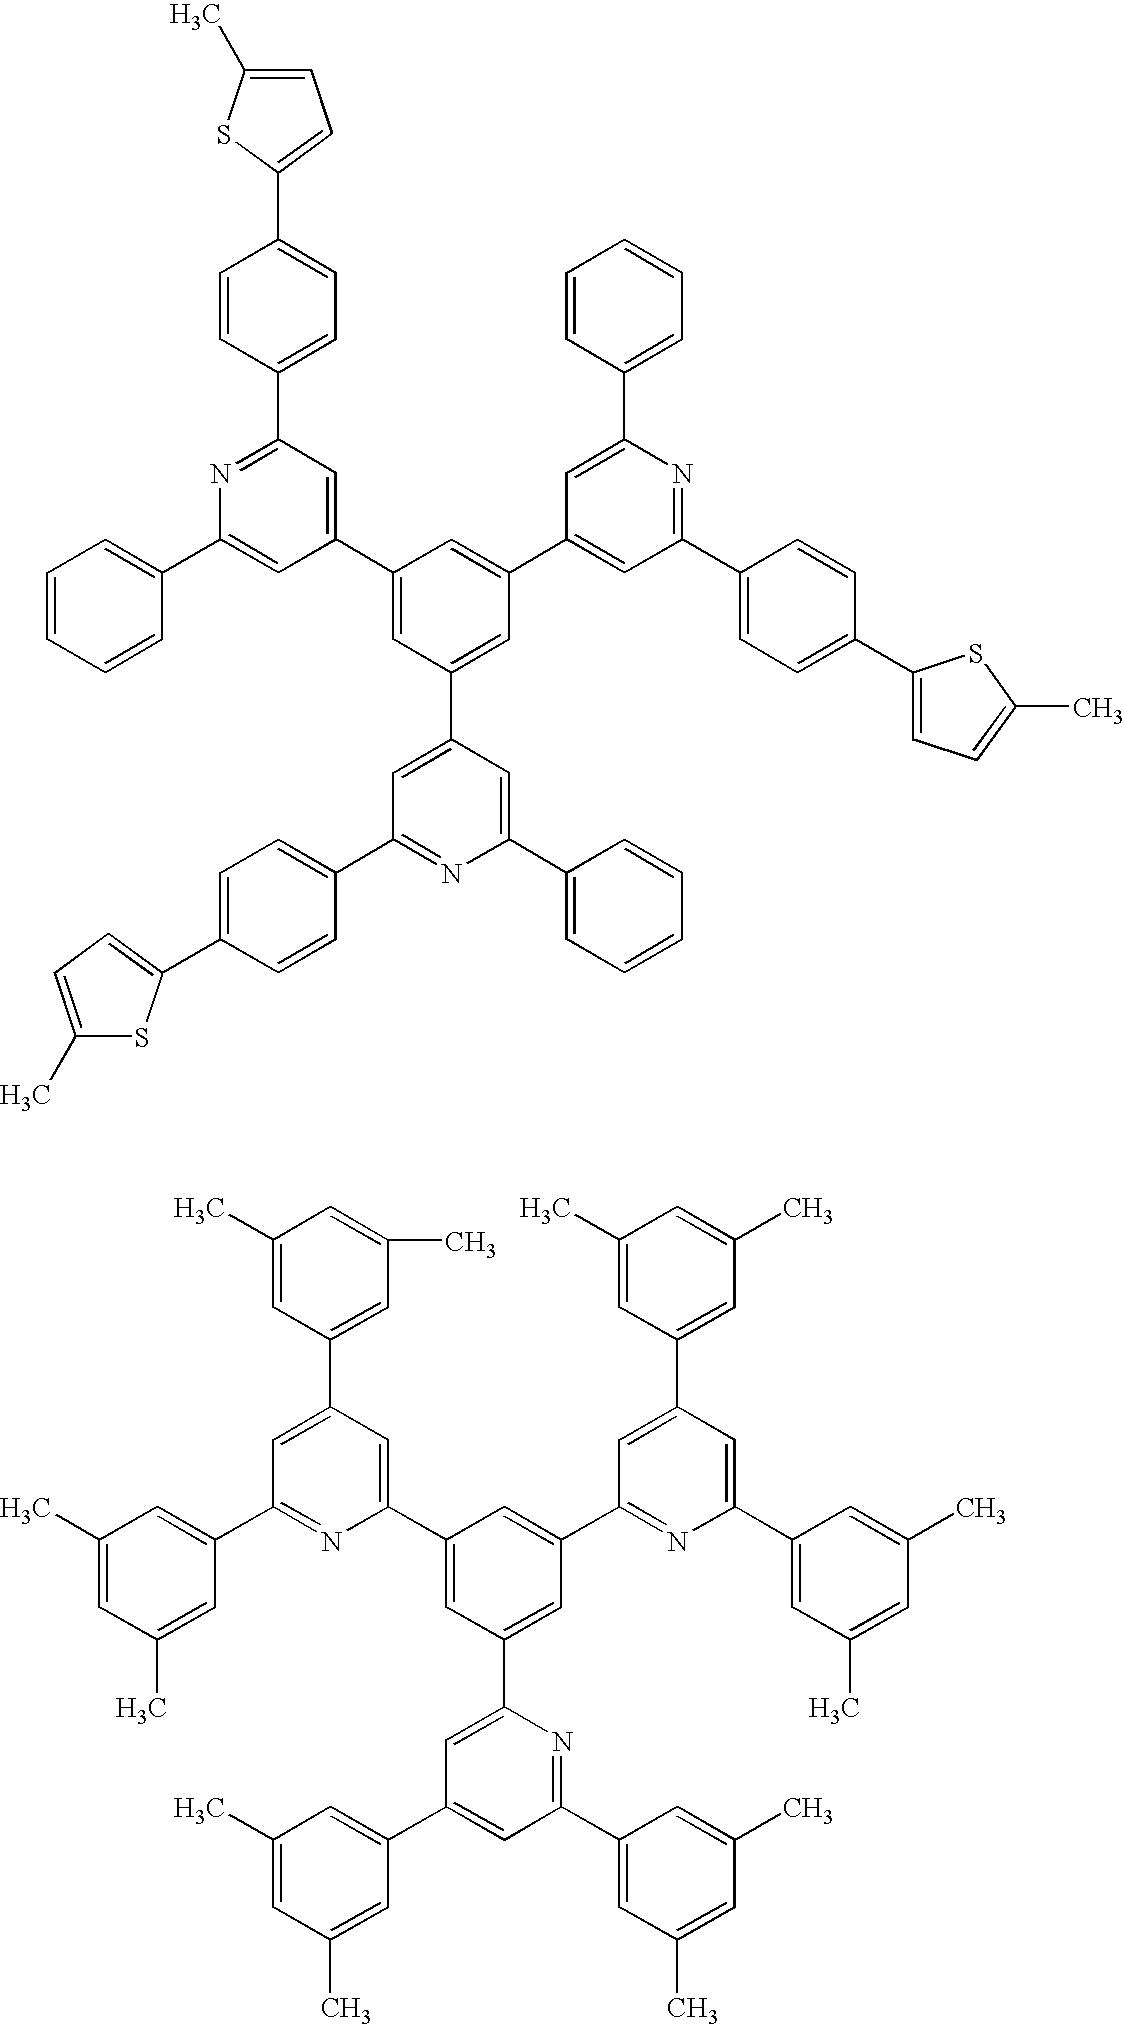 Figure US20060186796A1-20060824-C00124